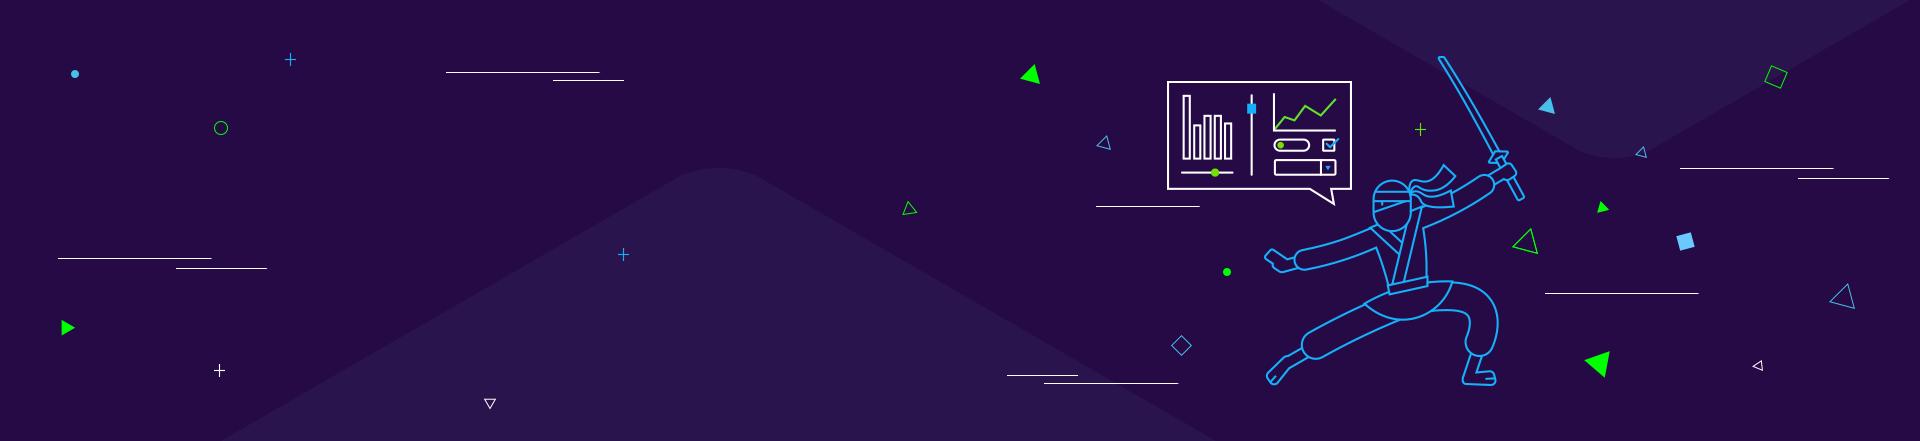 DevChat Building Responsive Web Apps